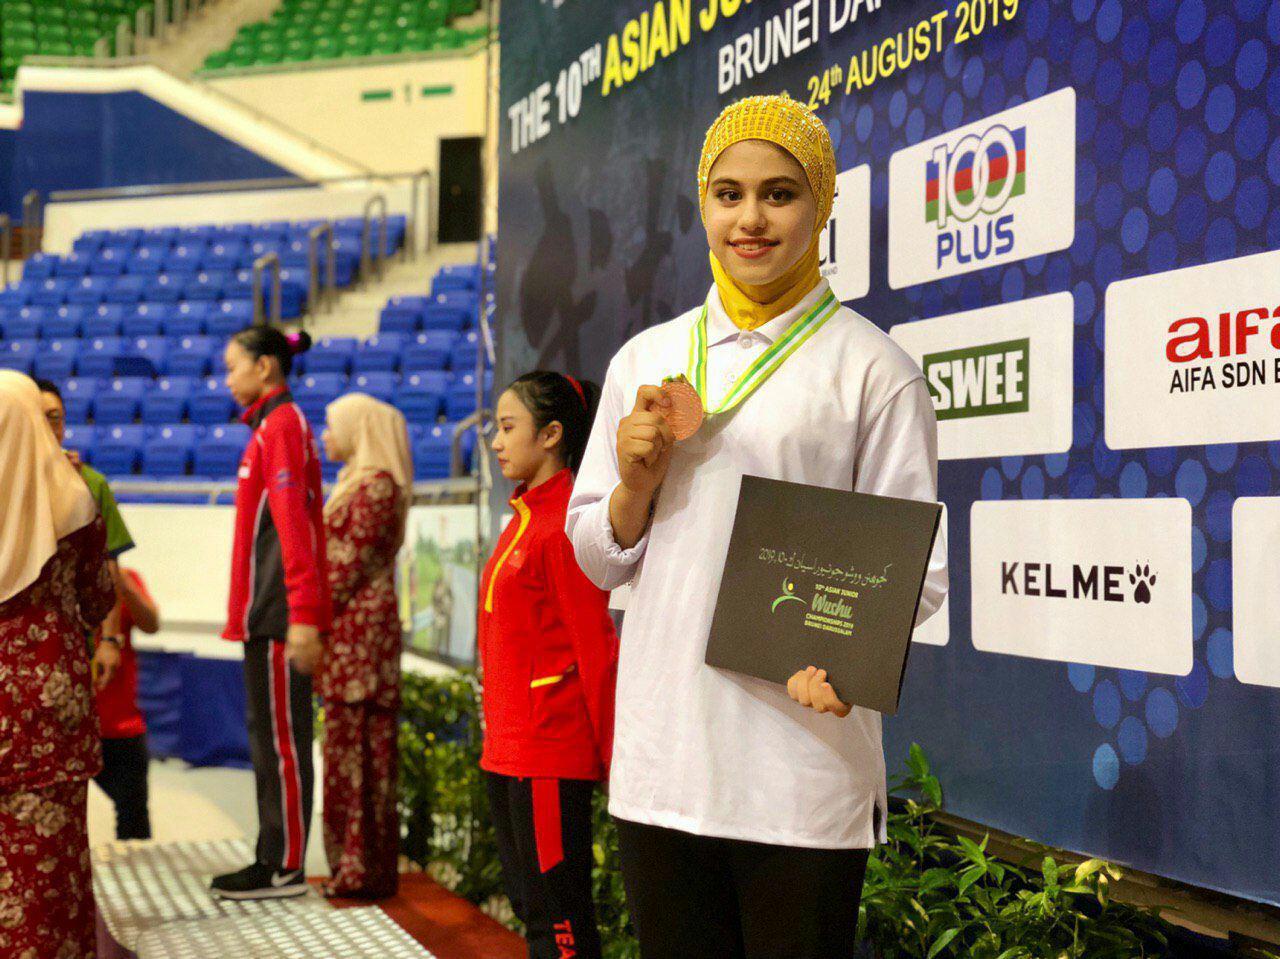 روز دوم ووشوی جوانان آسیا | مدال برنز منیره پناهی و پیروزی معجزه آسای مهرآسا